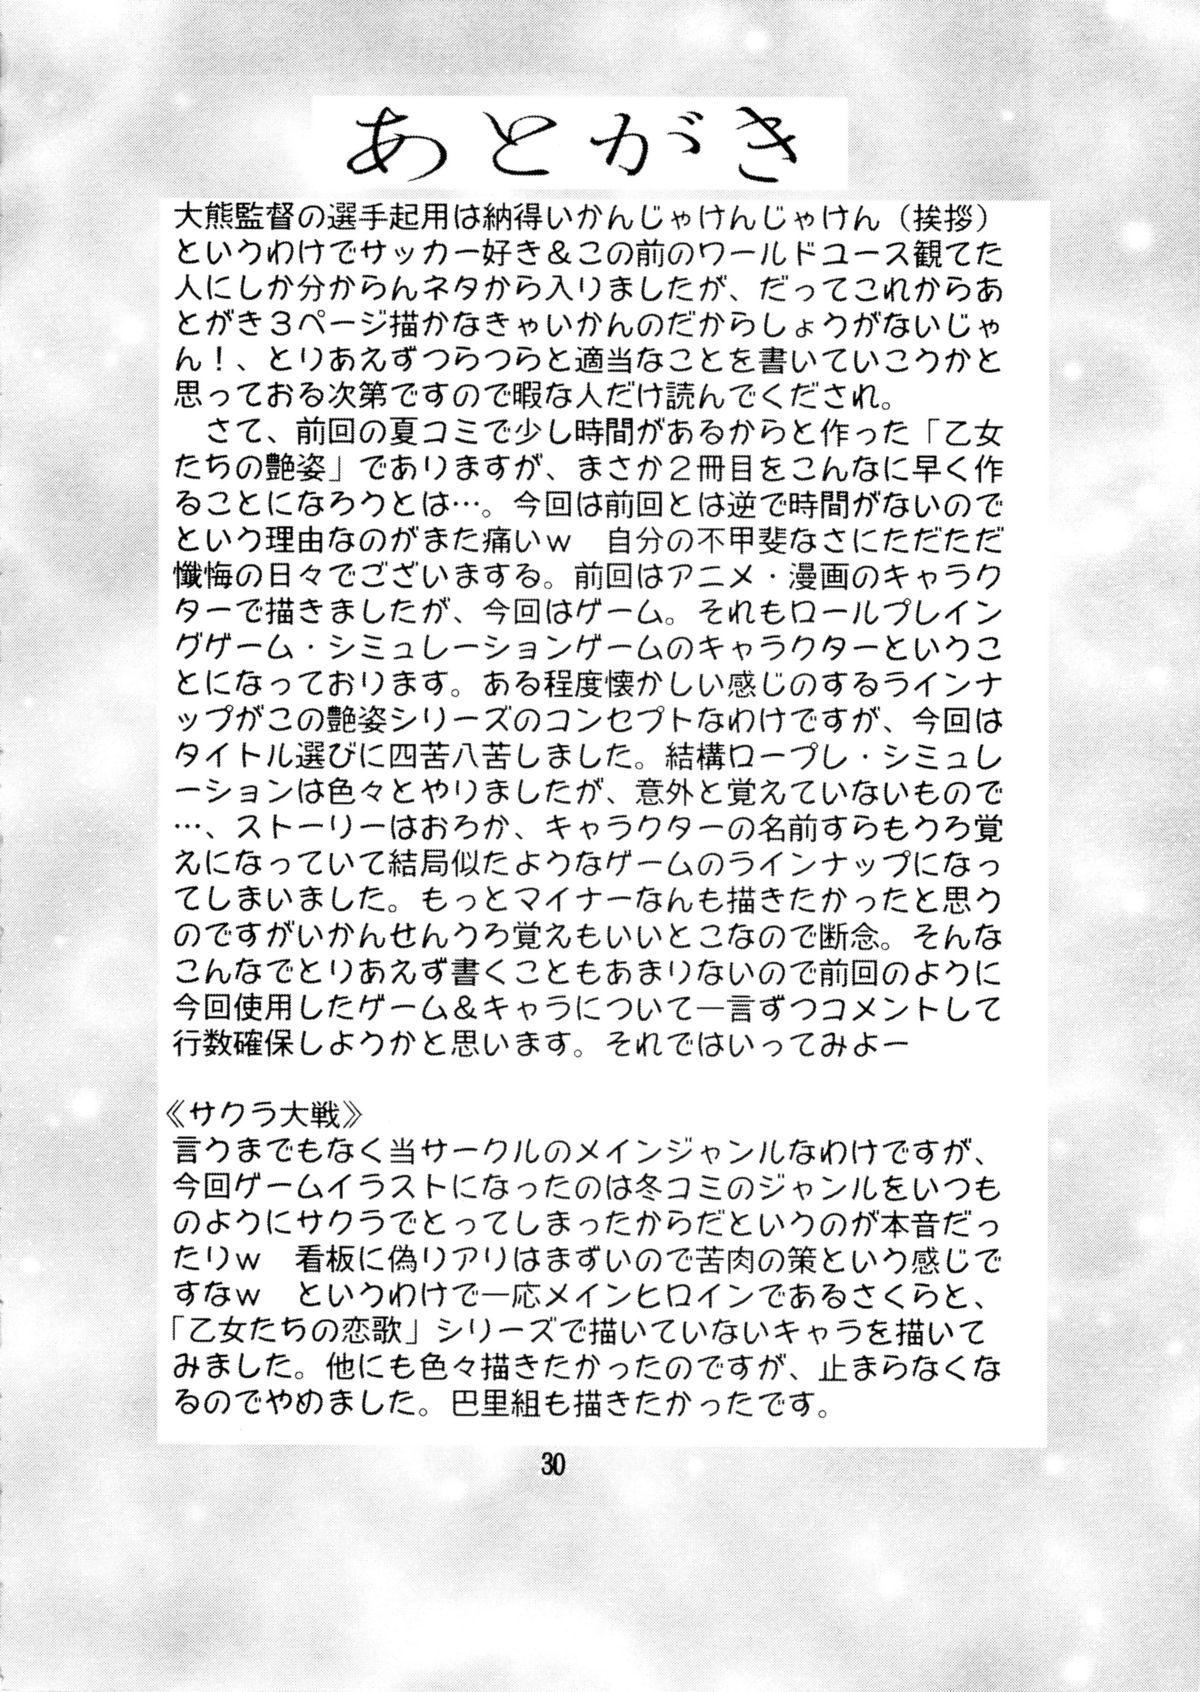 Otome-tachi no Adesugata 2 29